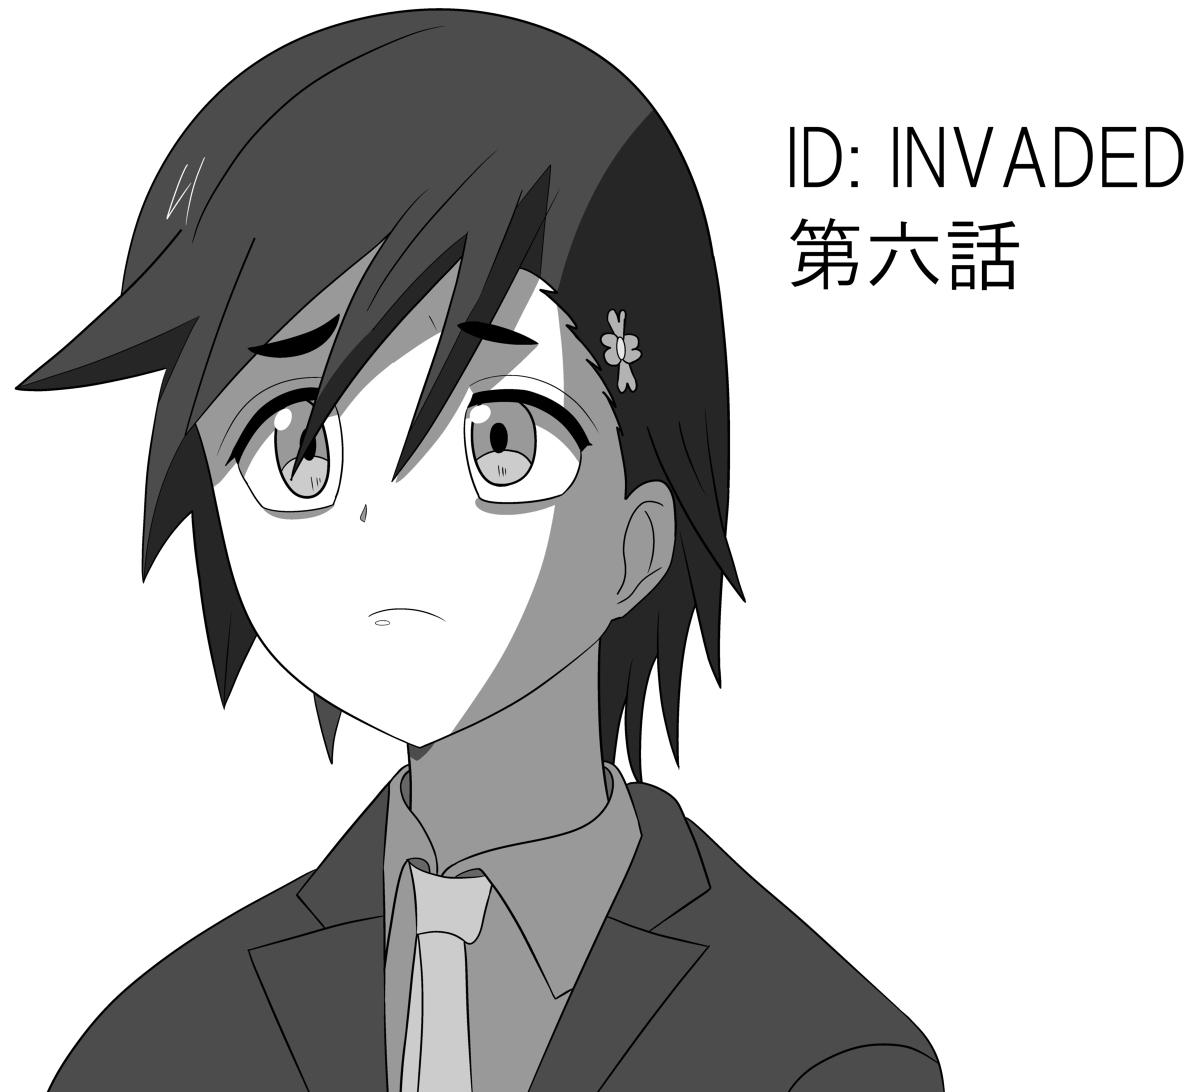 test ツイッターメディア - 本堂町さんの悲しそうな表情 #ID:INVADED #イド:インヴェイデッド #模写 https://t.co/A25g5TtGFK https://t.co/nlYRI2neDX